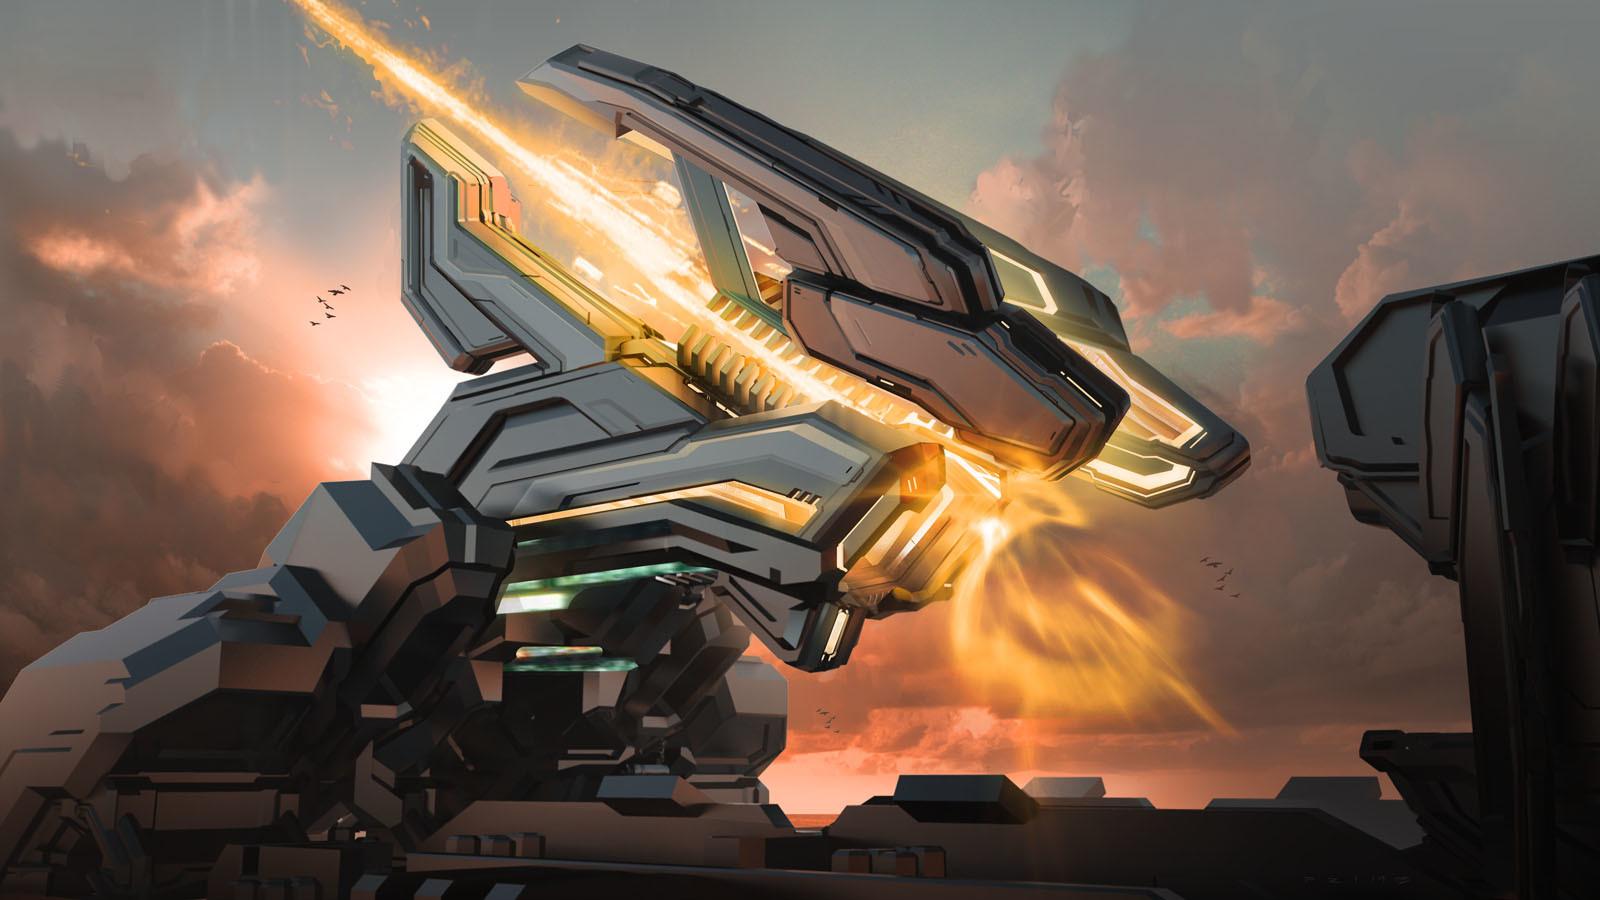 zakázaný od Halo 4 dohazování pre odvykanie